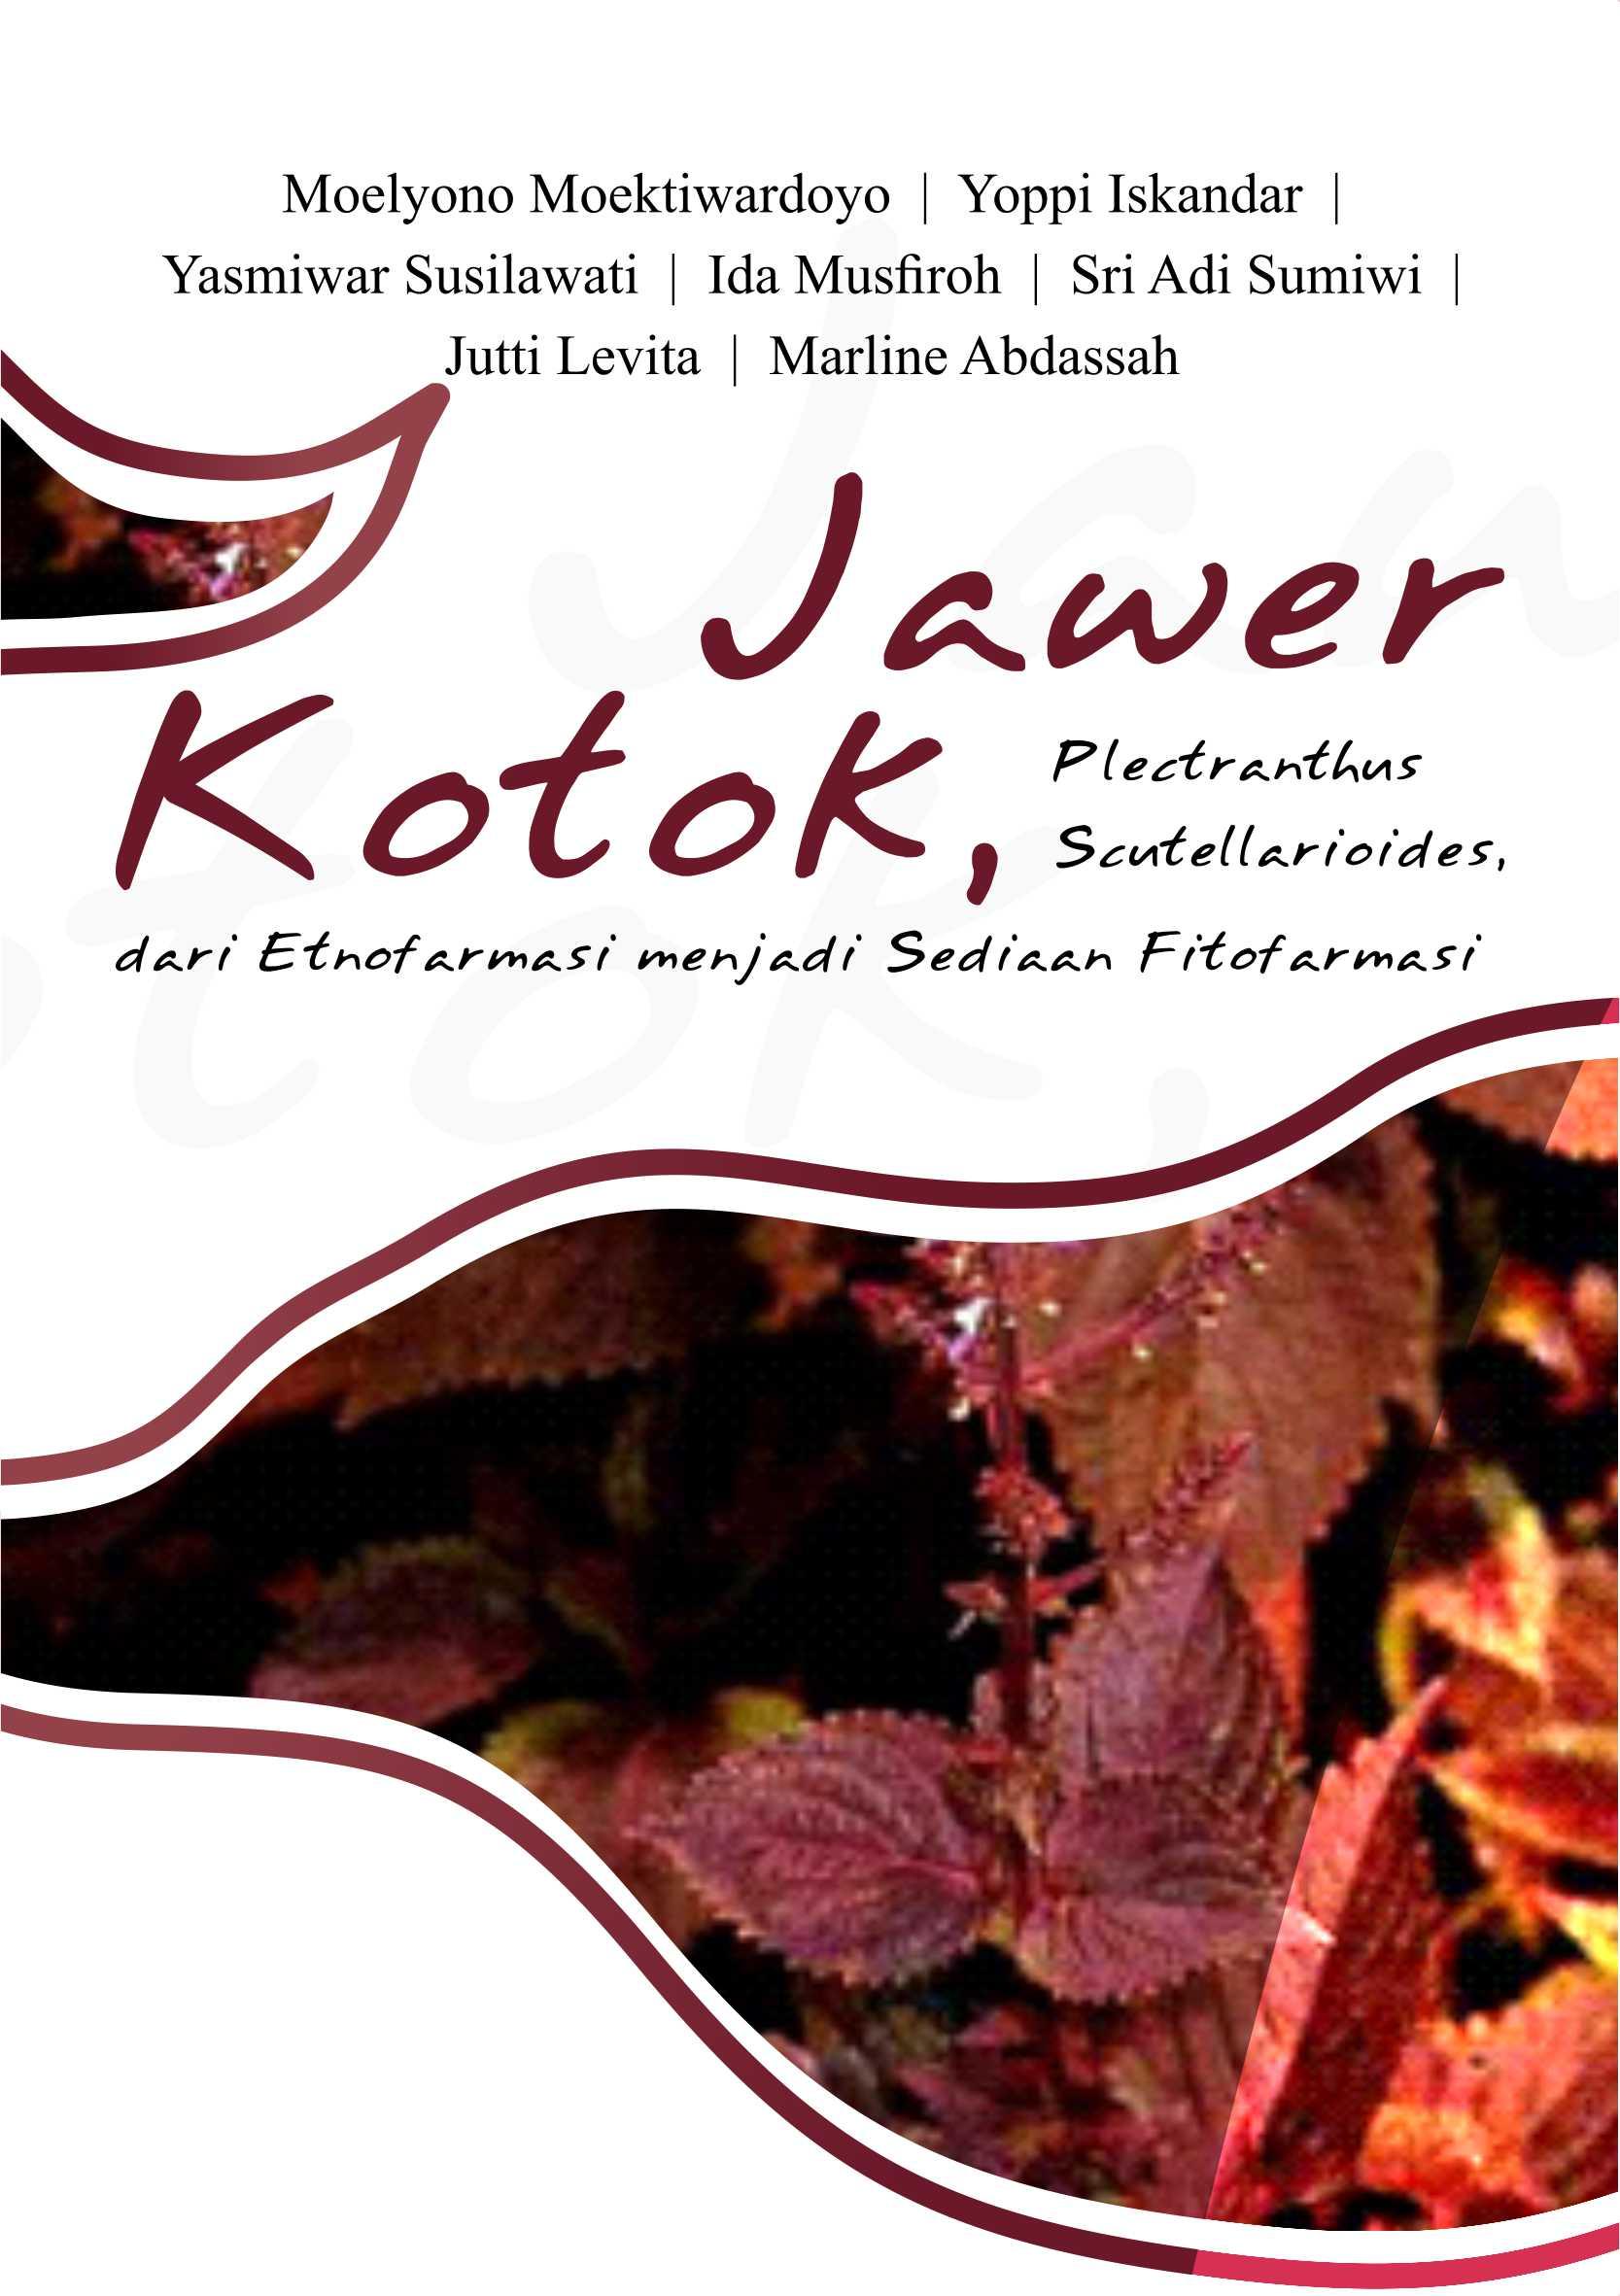 Jawer kotok (plectranthus scutellarioides) : dari etnofarmasi menjadi sediaan fitofarmasi [sumber elektronis]